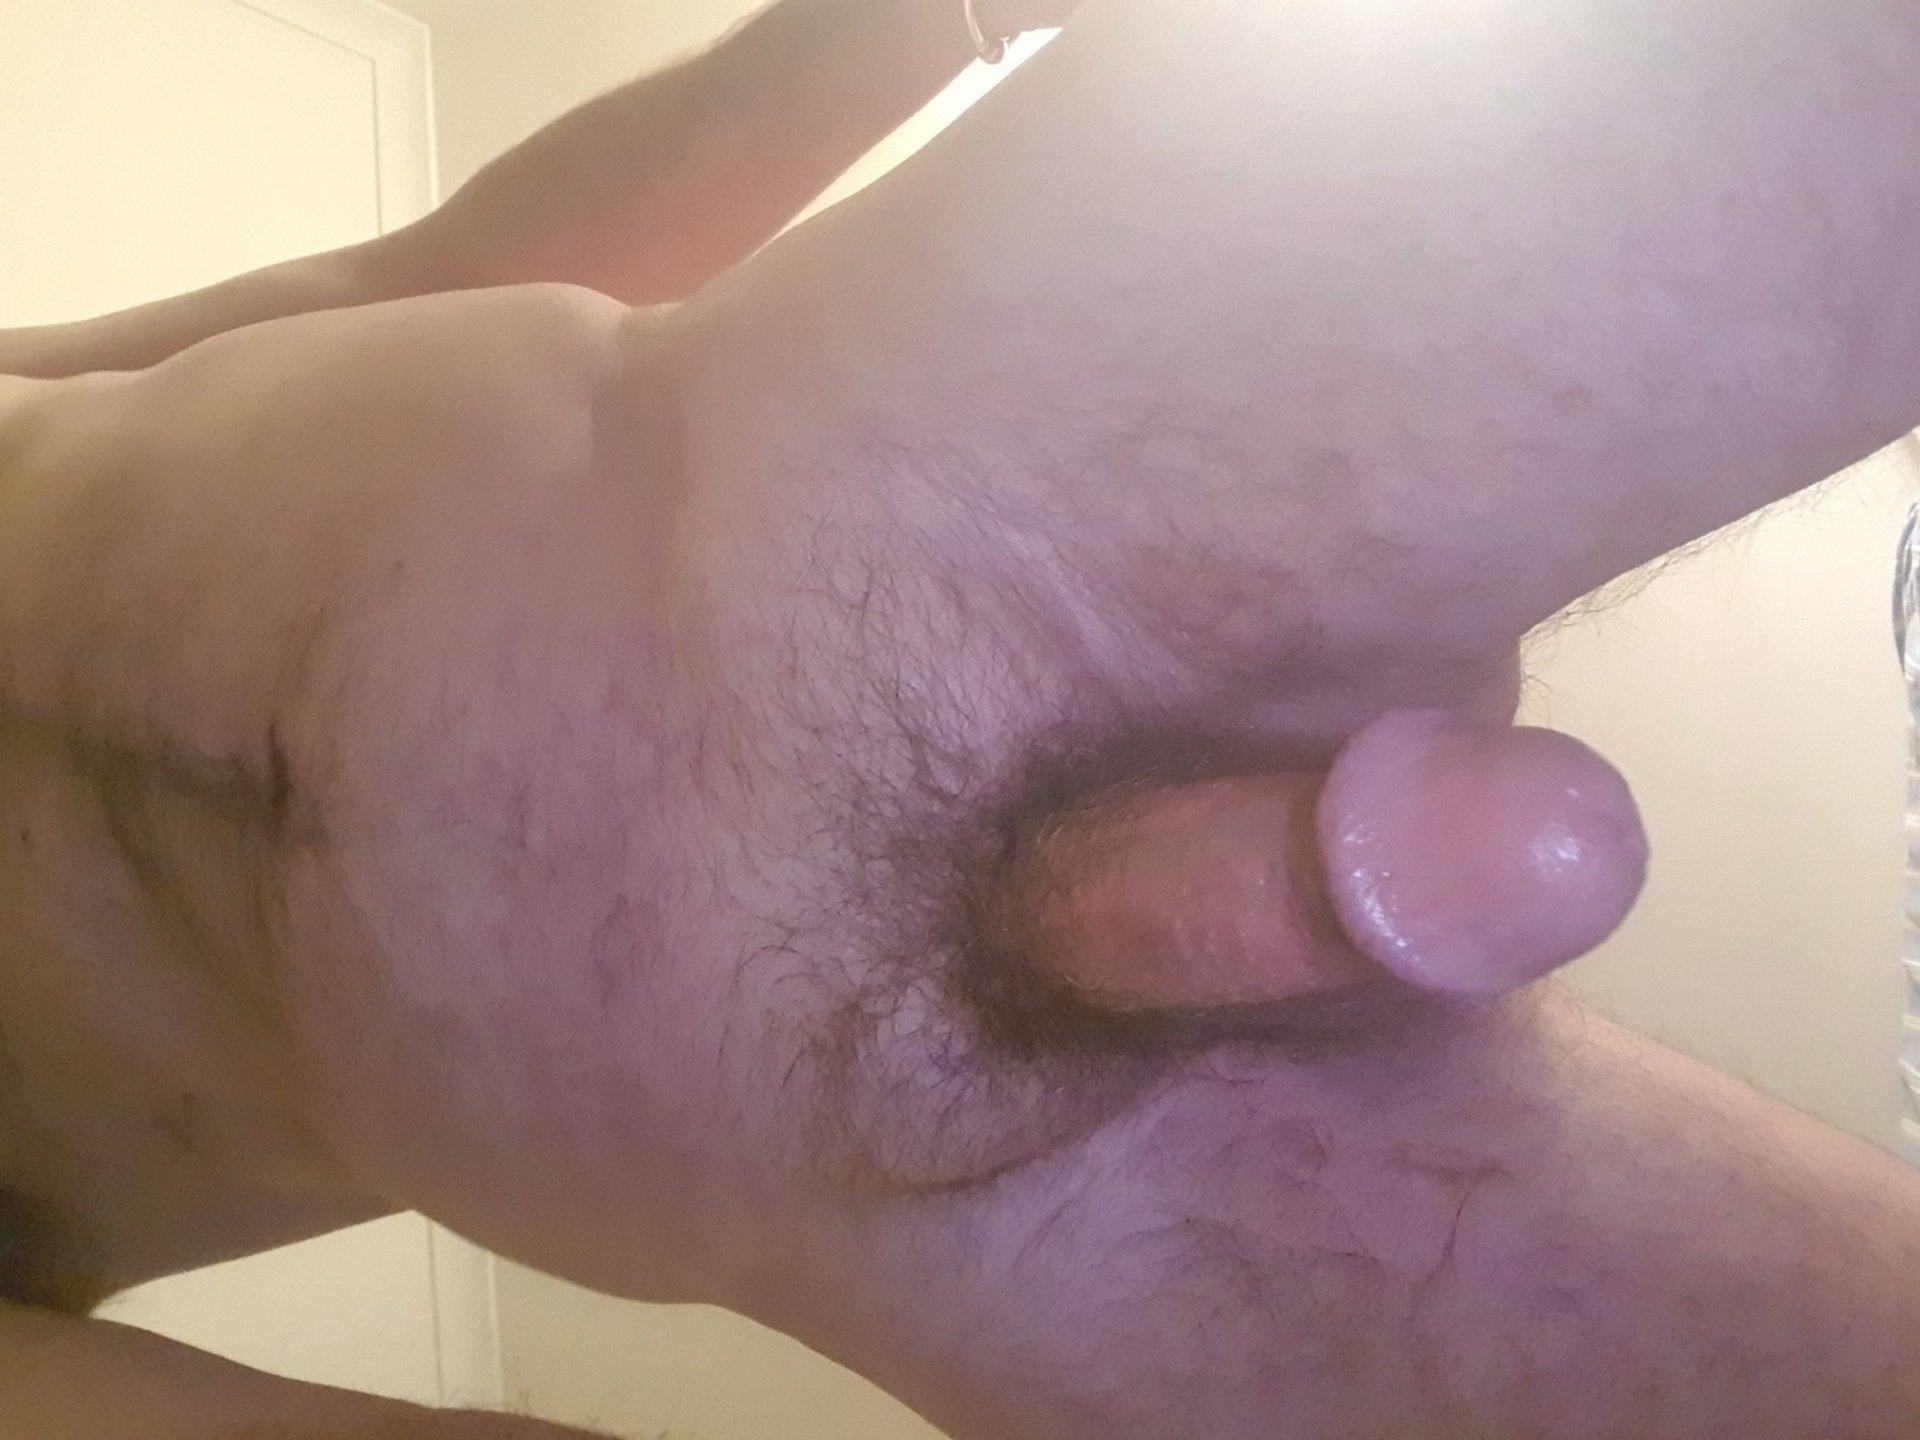 Steve from South Australia,Australia